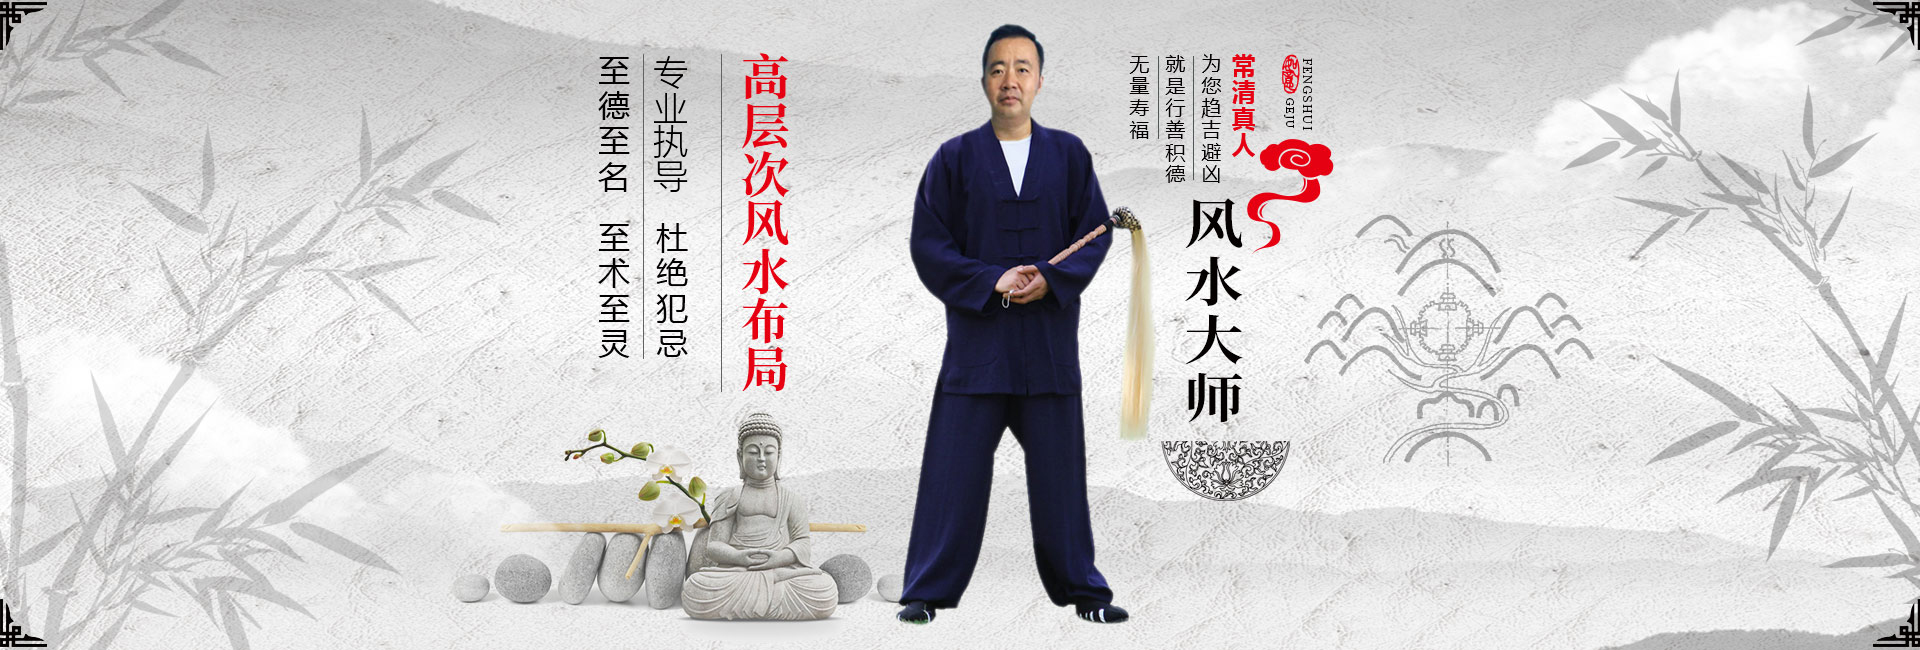 重庆墓地风水师